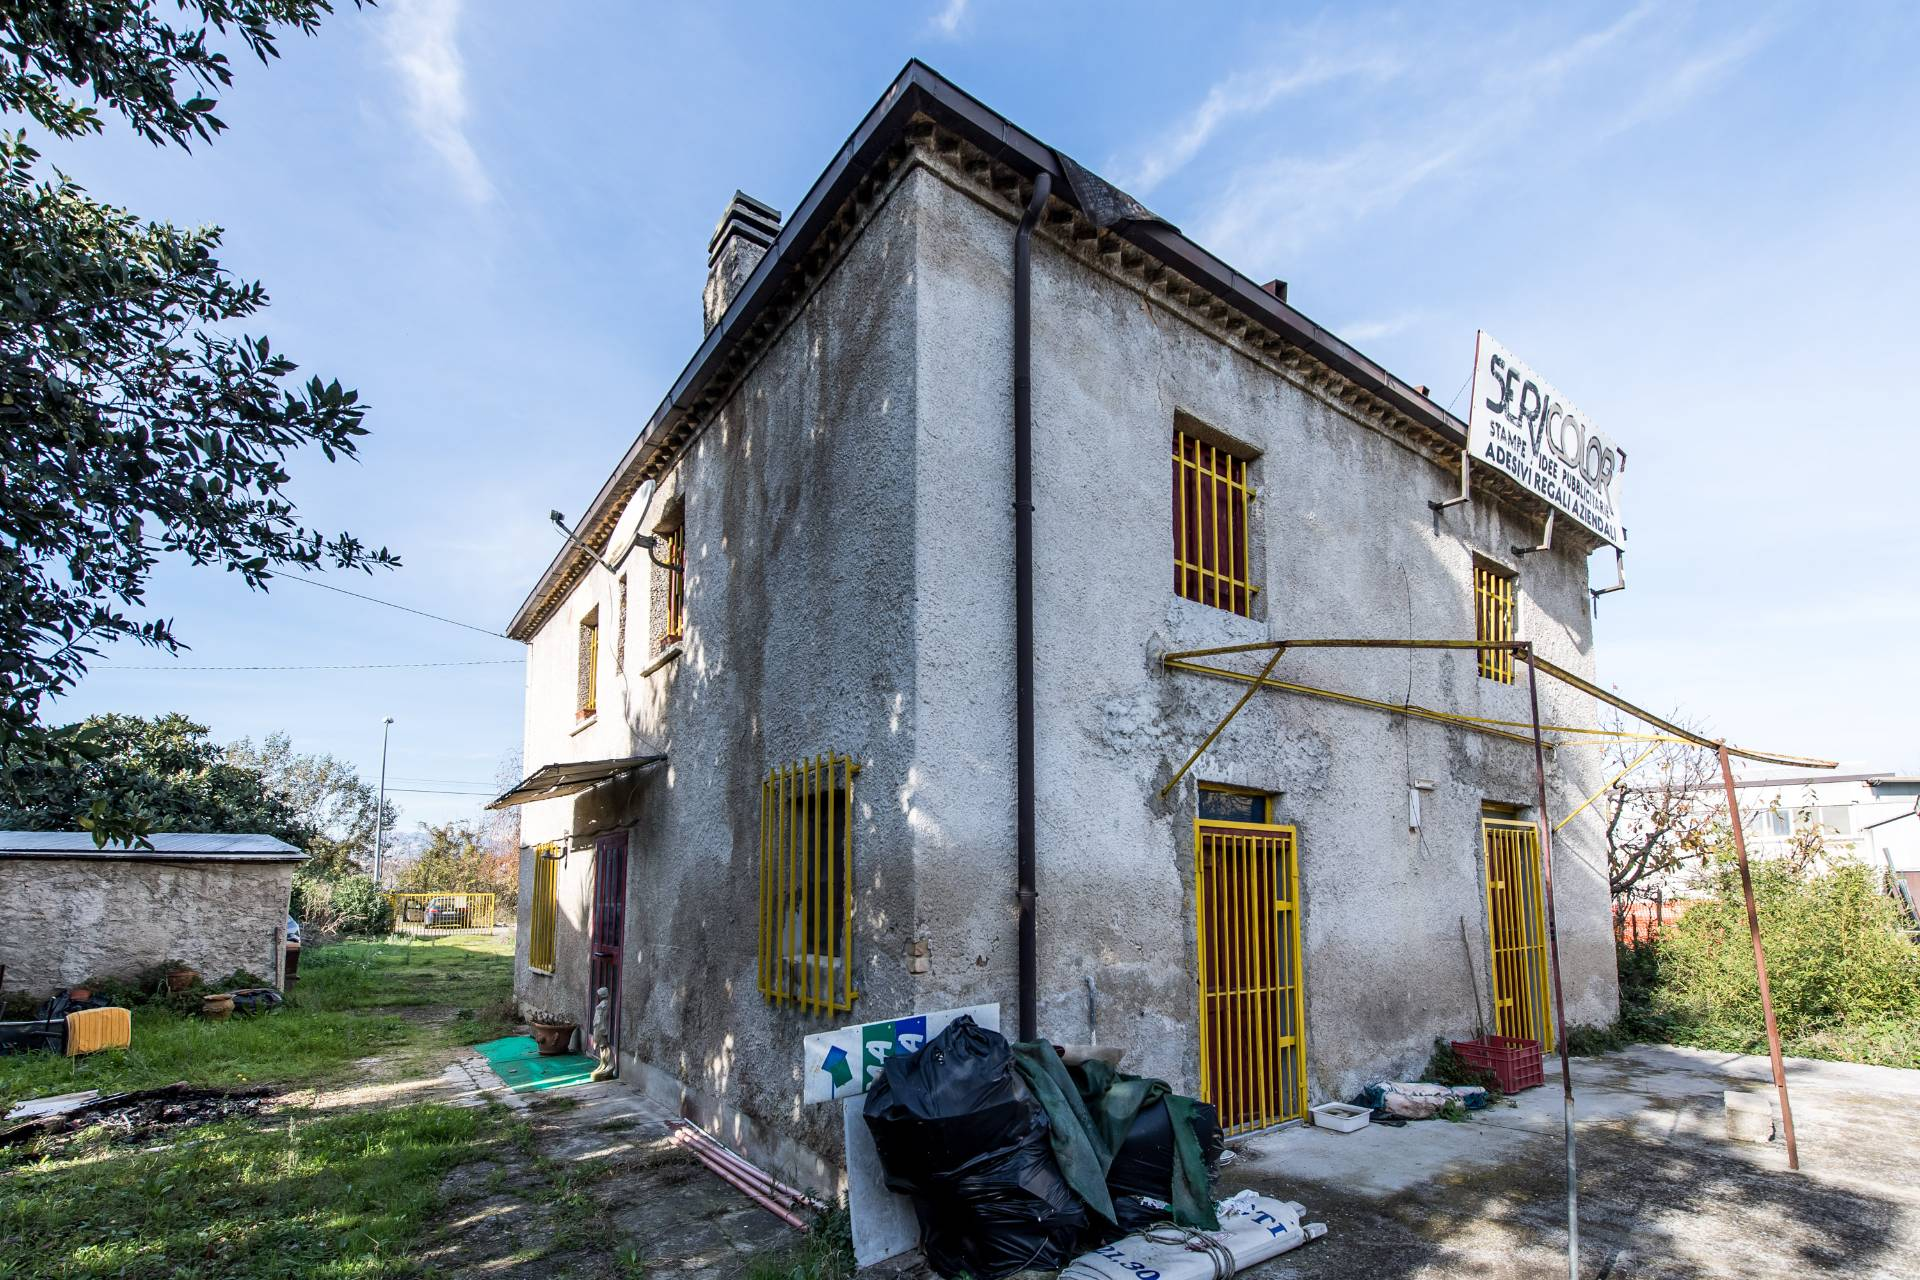 Soluzione Indipendente in vendita a Chieti, 6 locali, prezzo € 95.000 | Cambio Casa.it